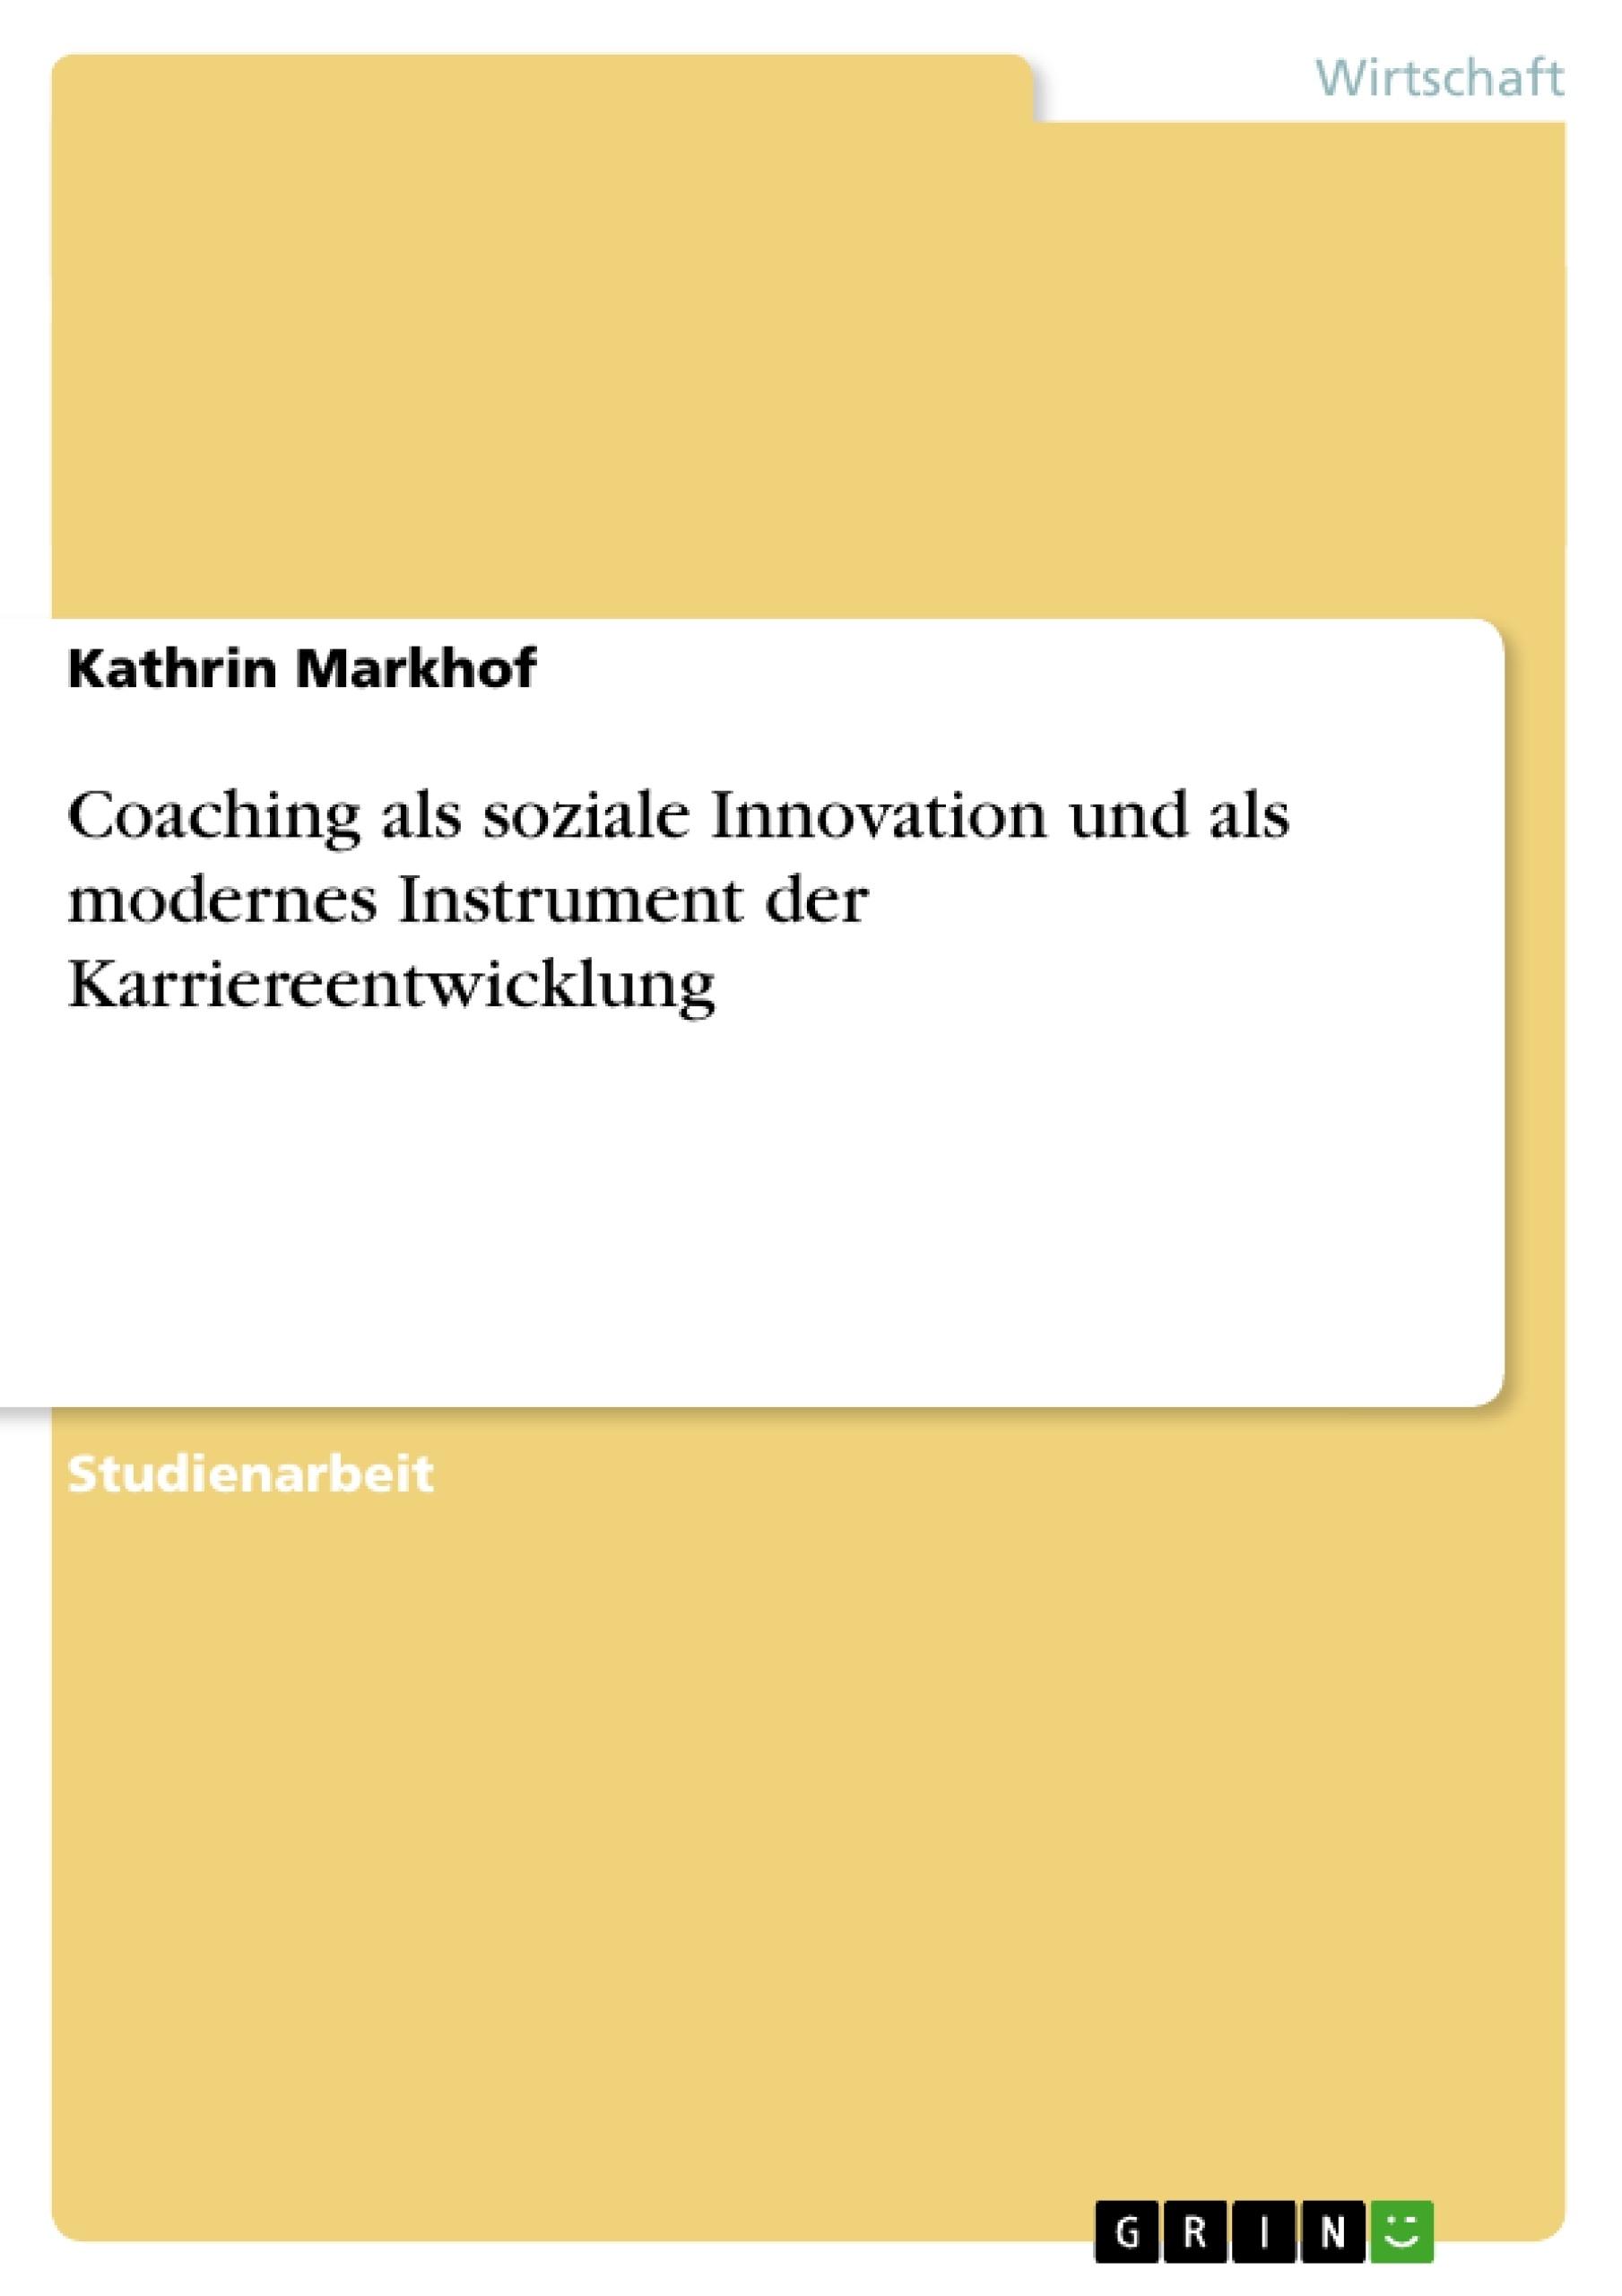 Titel: Coaching als soziale Innovation und als modernes Instrument der Karriereentwicklung